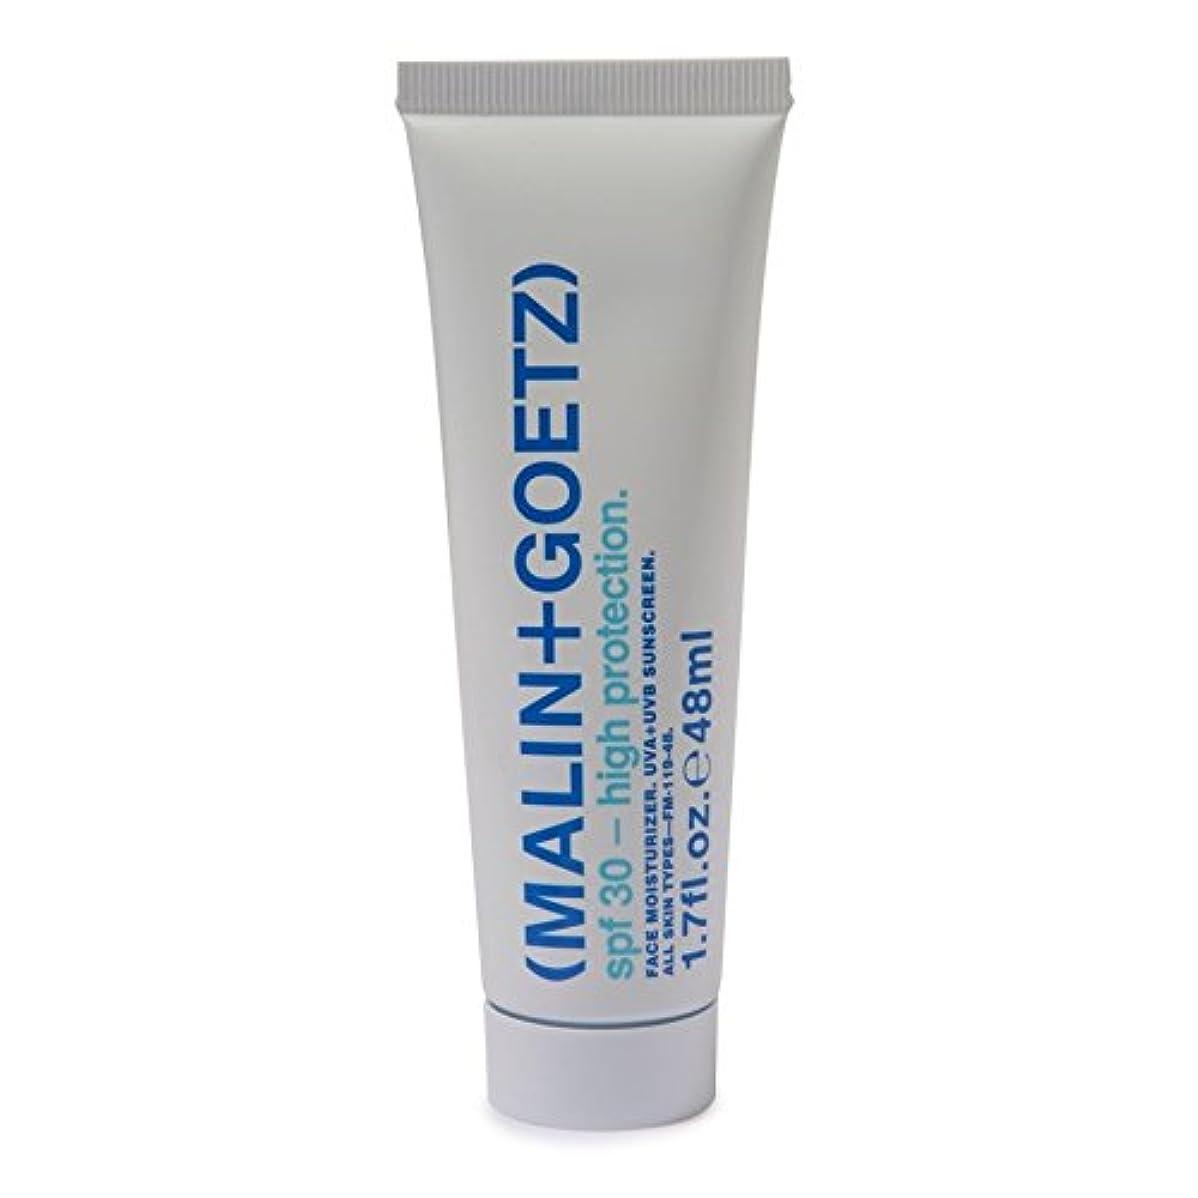 理論入学する地図マリン+ゲッツ顔の保湿剤の 30 48ミリリットル x2 - MALIN+GOETZ Face Moisturiser SPF 30 48ml (Pack of 2) [並行輸入品]